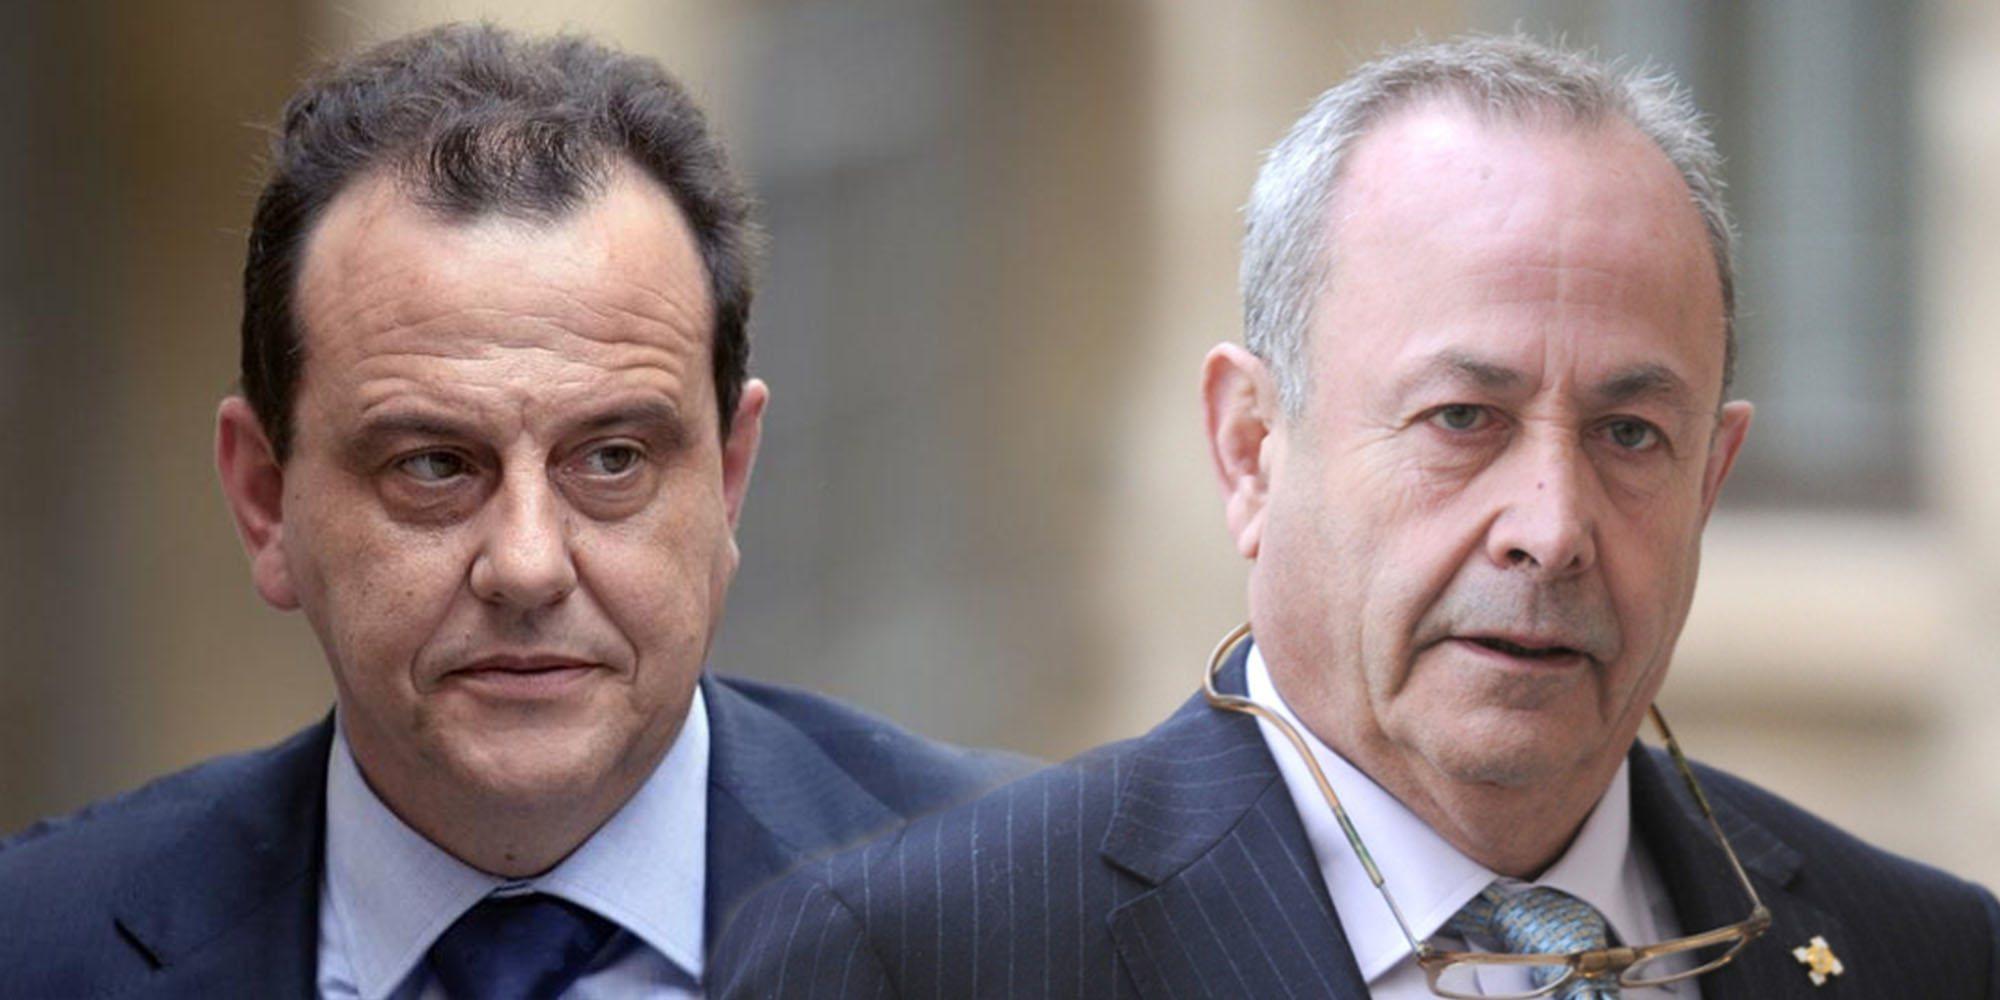 Enemigos Íntimos: José Castro y Pedro Horrach, la estrecha relación profesional que rompió la Infanta Cristina